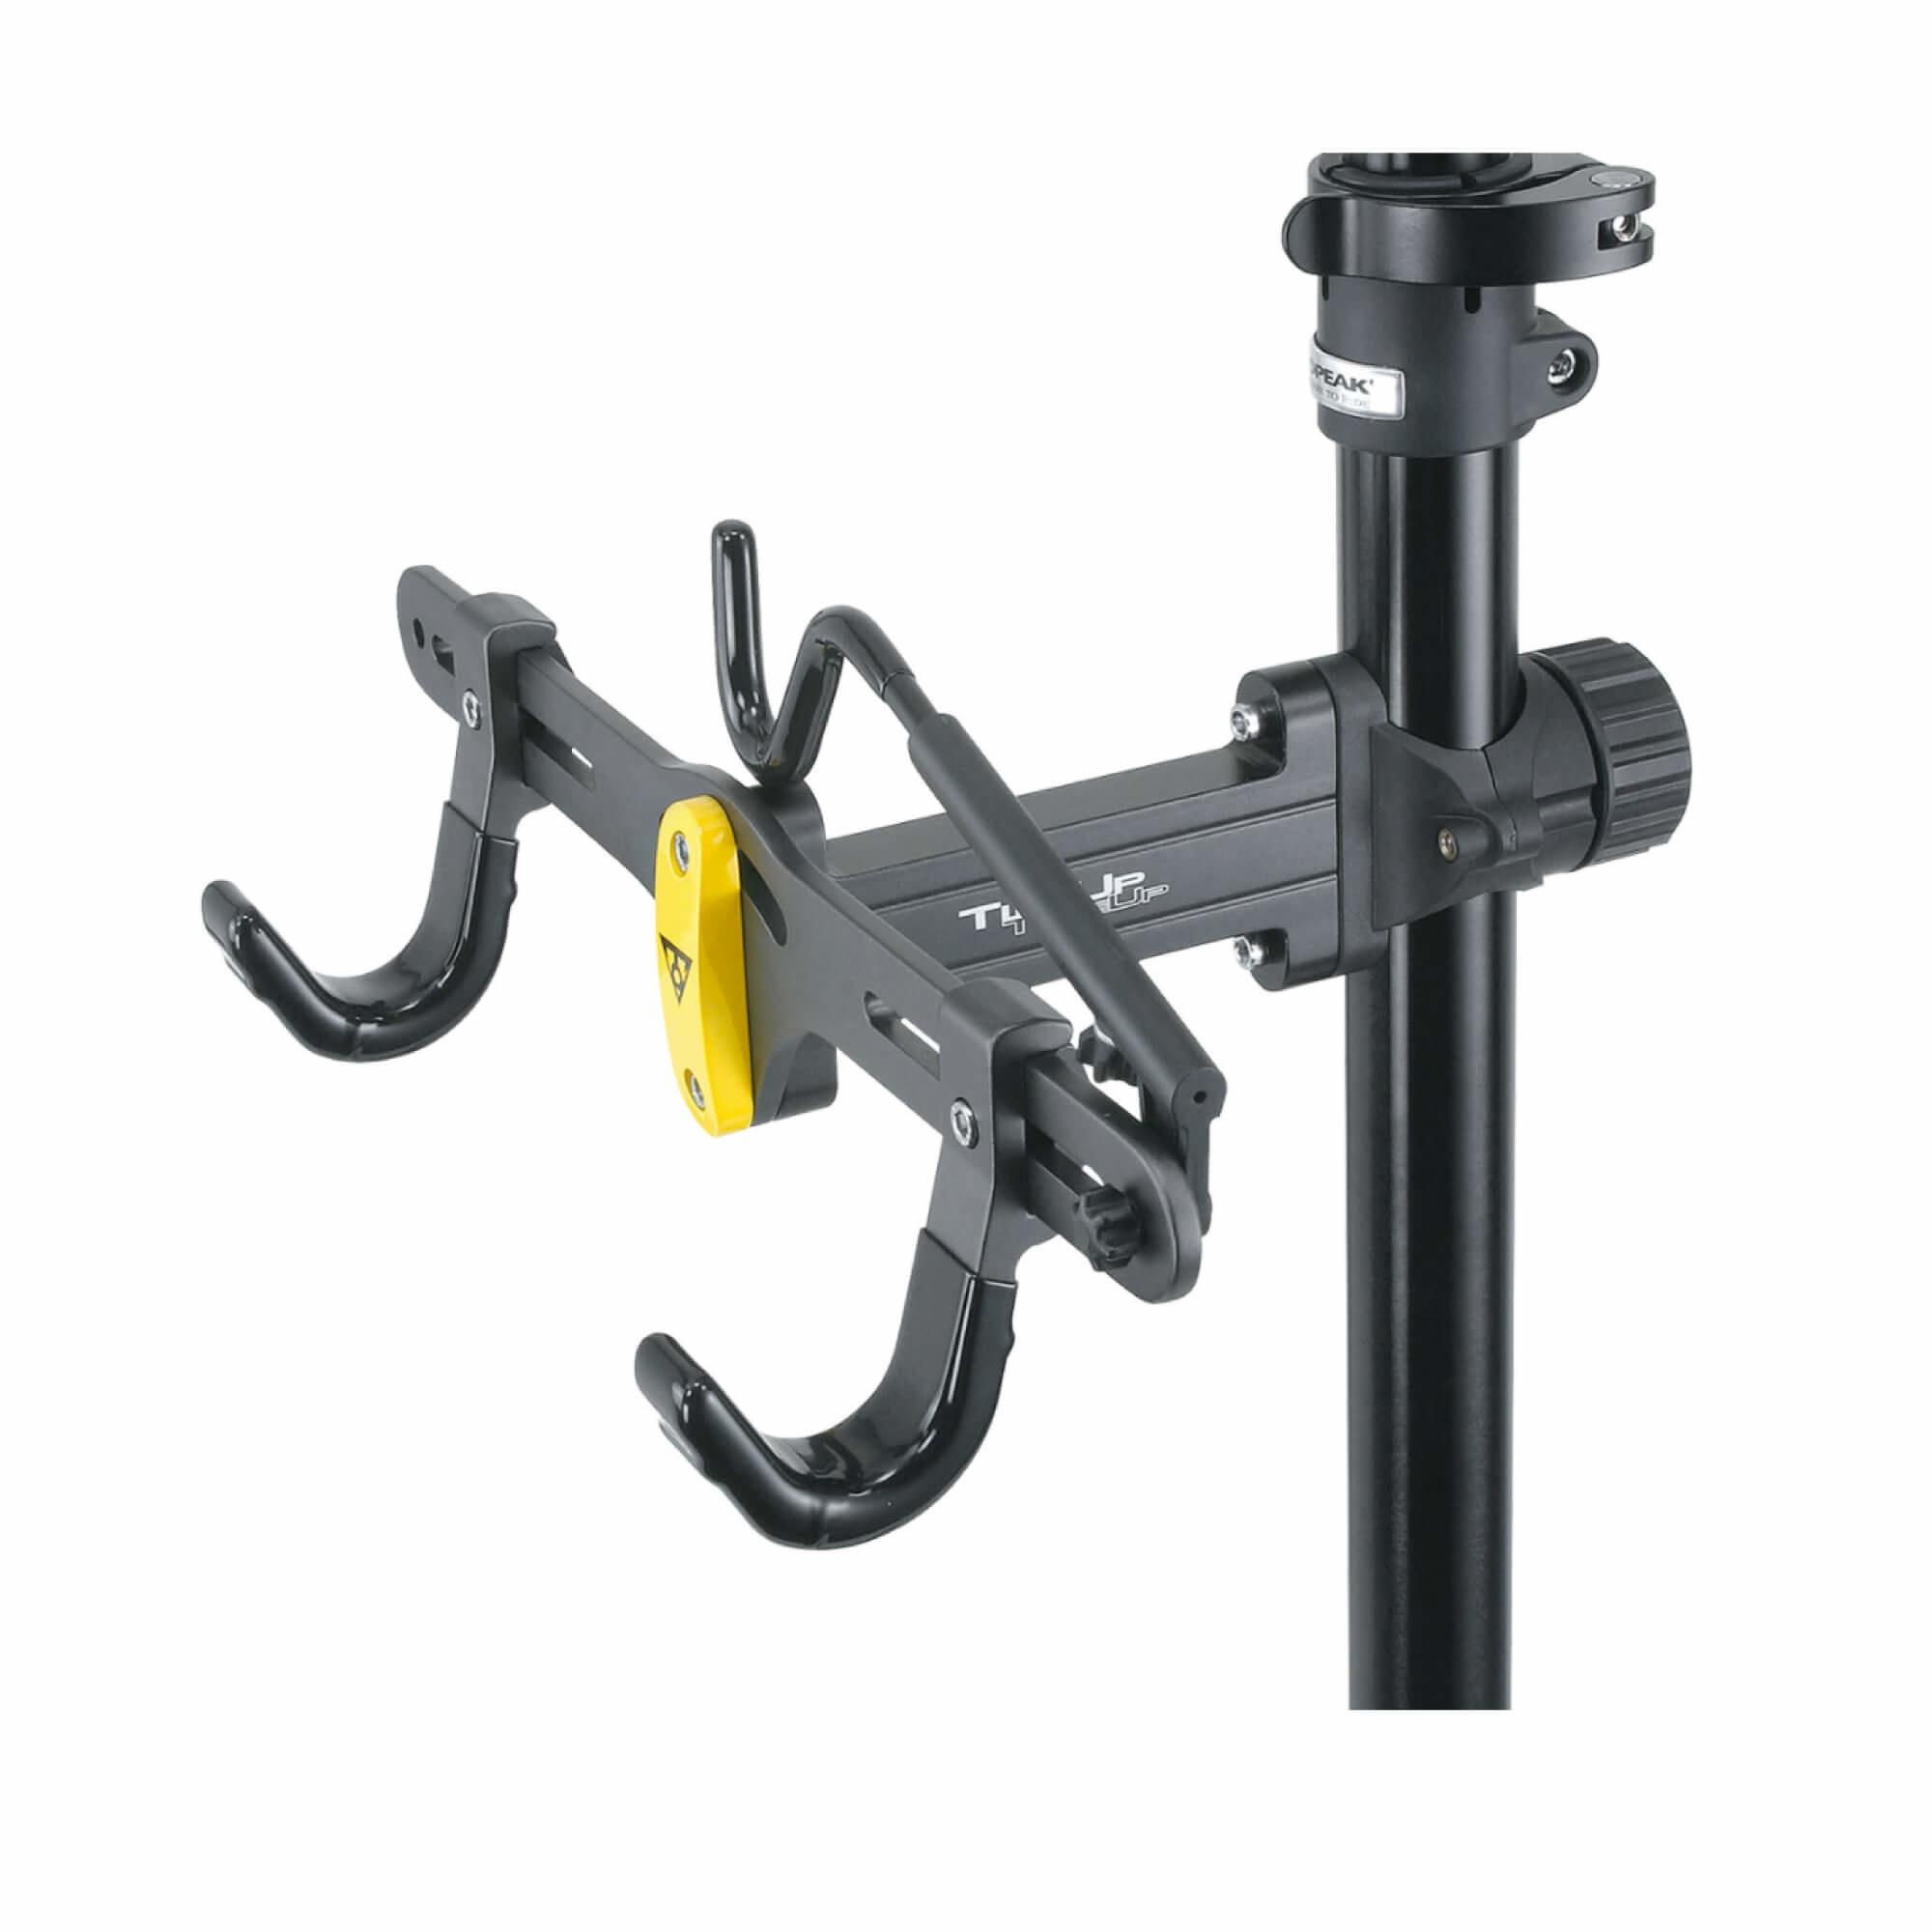 Handlebar Stabiliser for D/Touch Stand-2